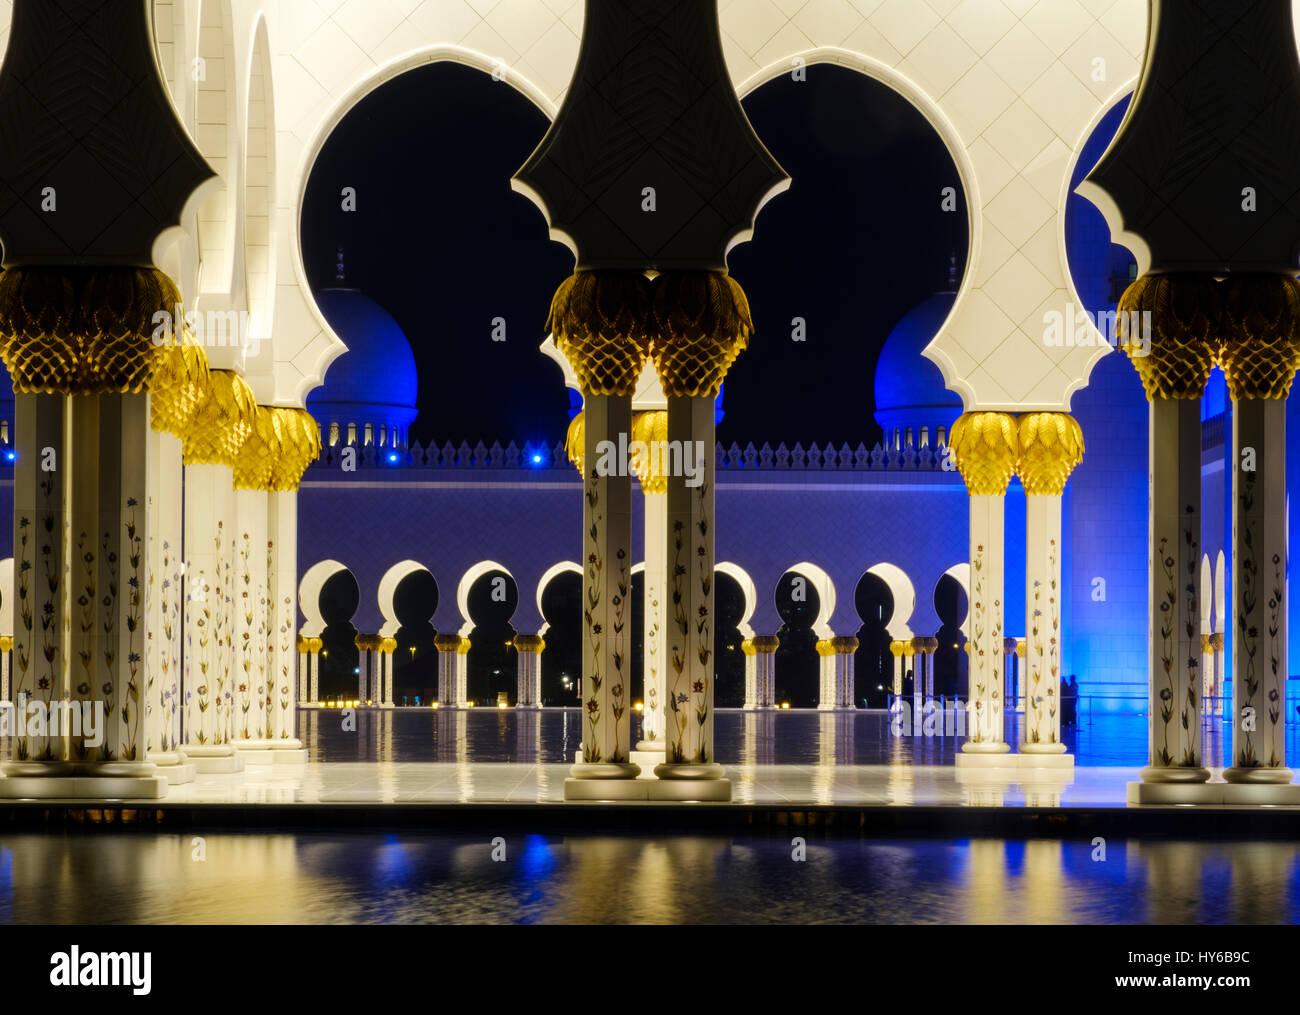 Emirats arabes unis, ABU DHABI - CIRCA JANVIER 2017: piscine, des arches et des colonnes de la mosquée Sheikh Zayed, Banque D'Images